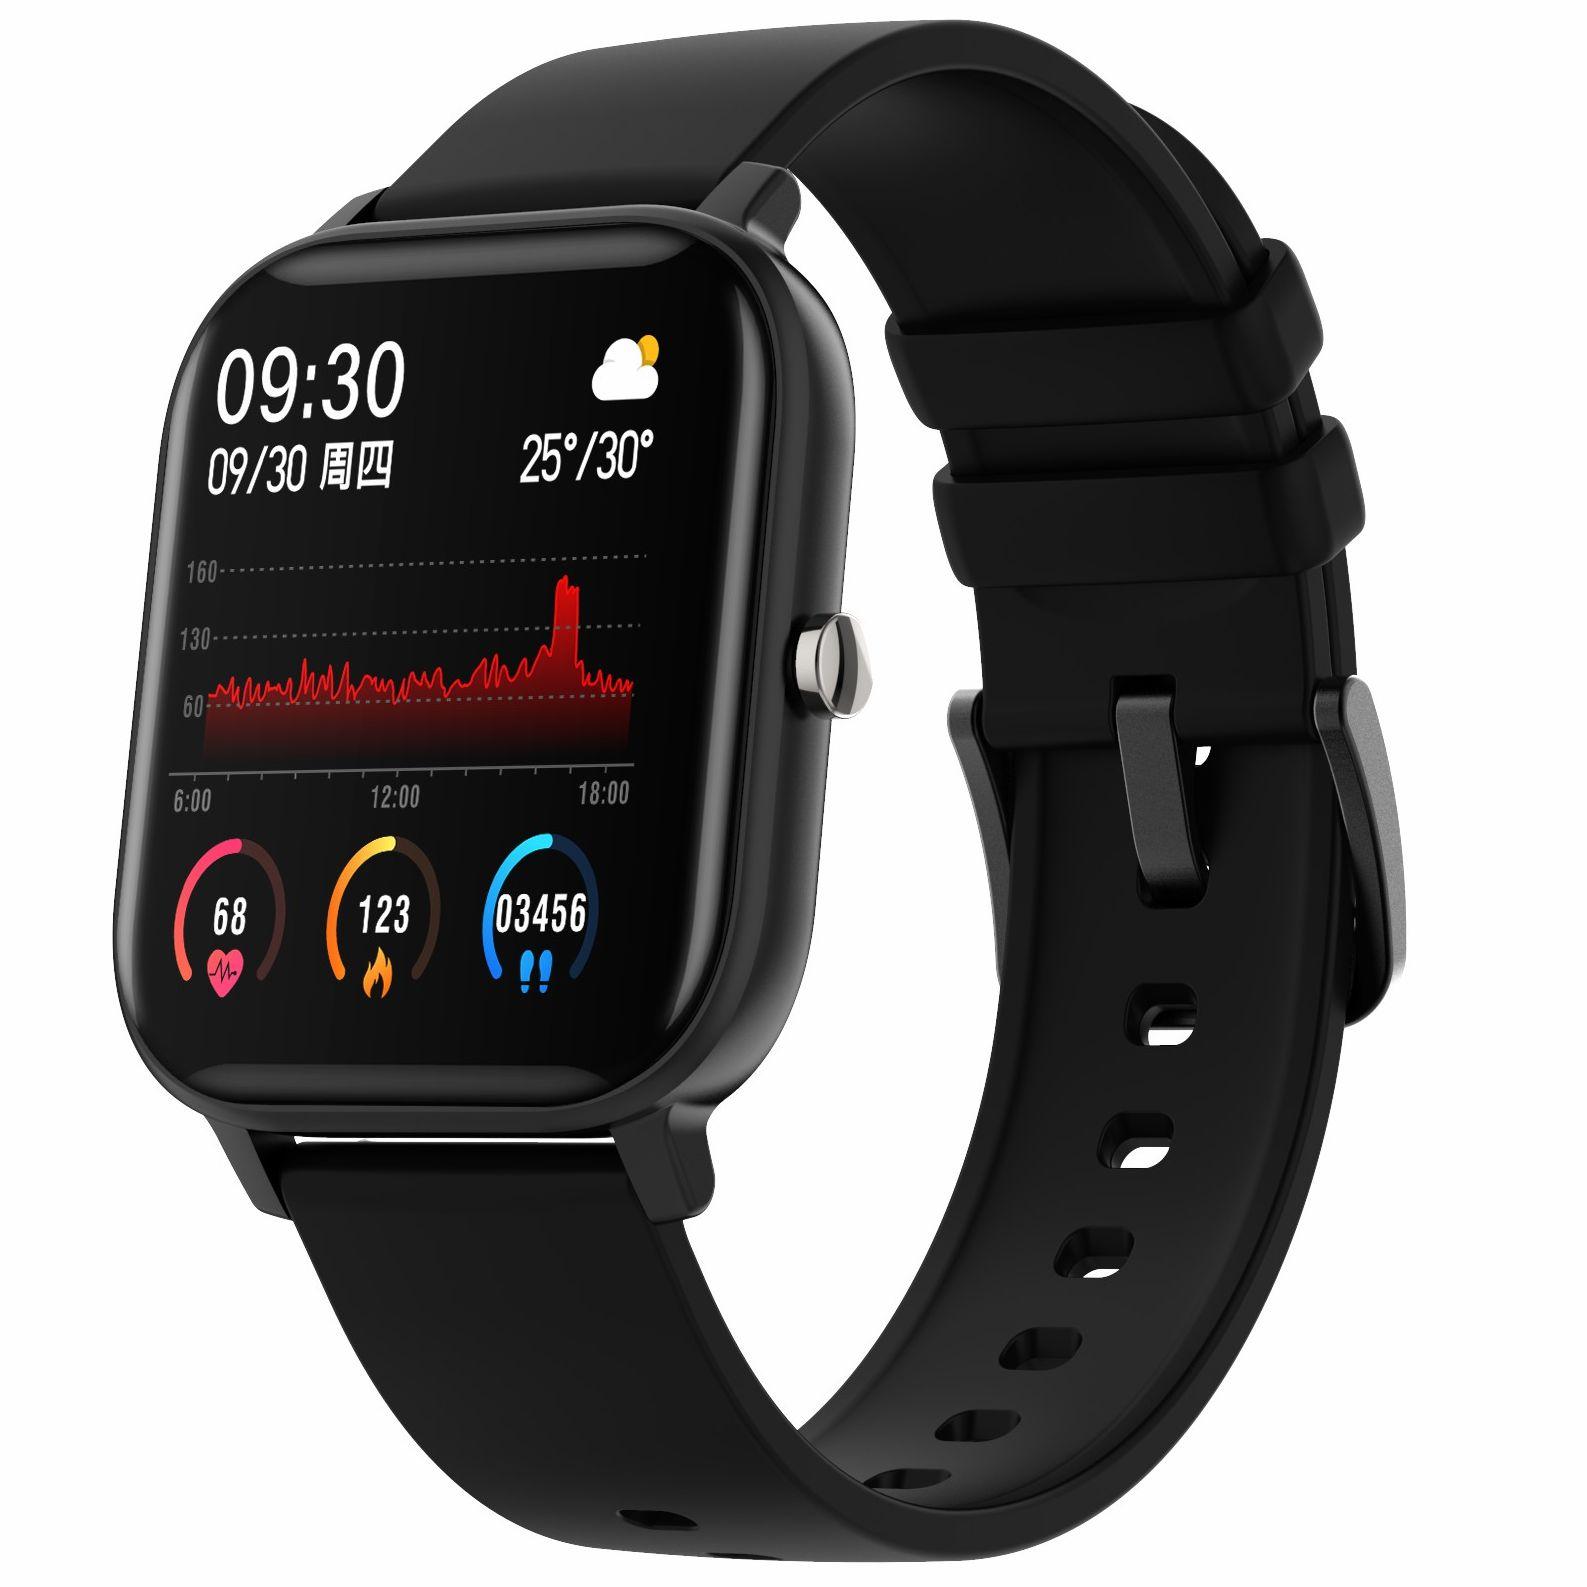 P8 1,4 дюймов Смарт-часы для мужчин полный сенсорный экран фитнес трекер приборы для измерения артериального давления умные часы для женщин GTS...